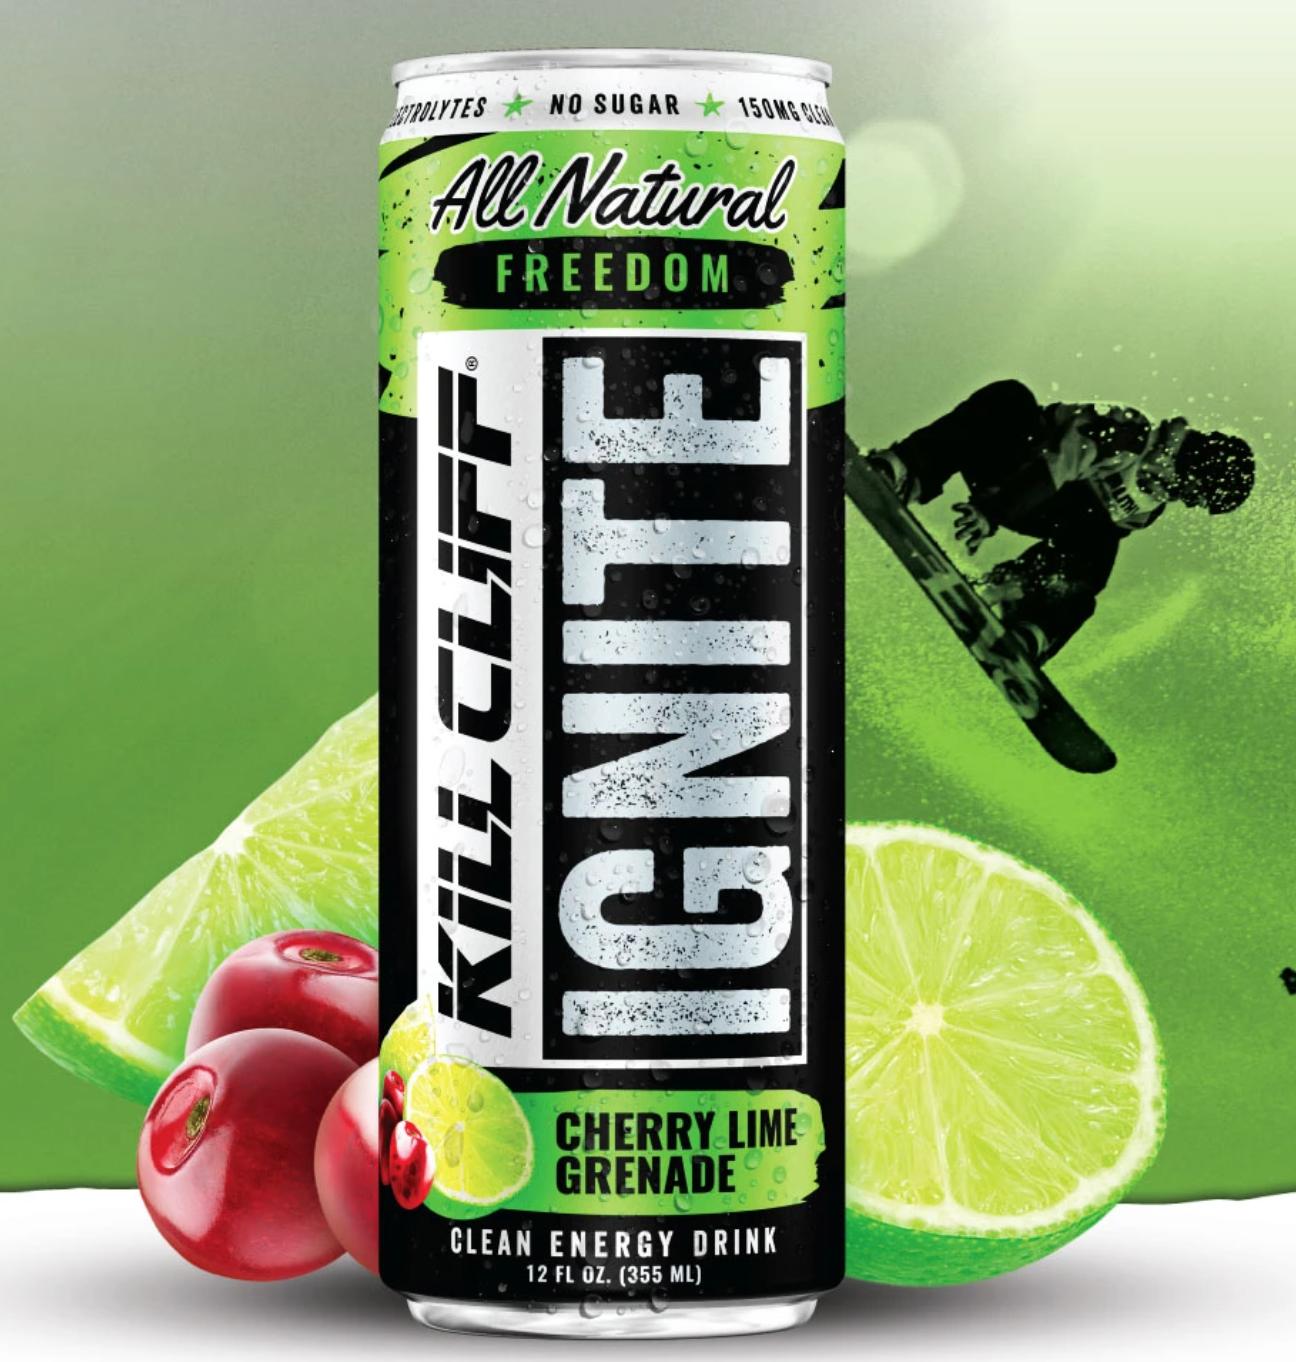 Kill Cliff Ignite Cherry/Limeade